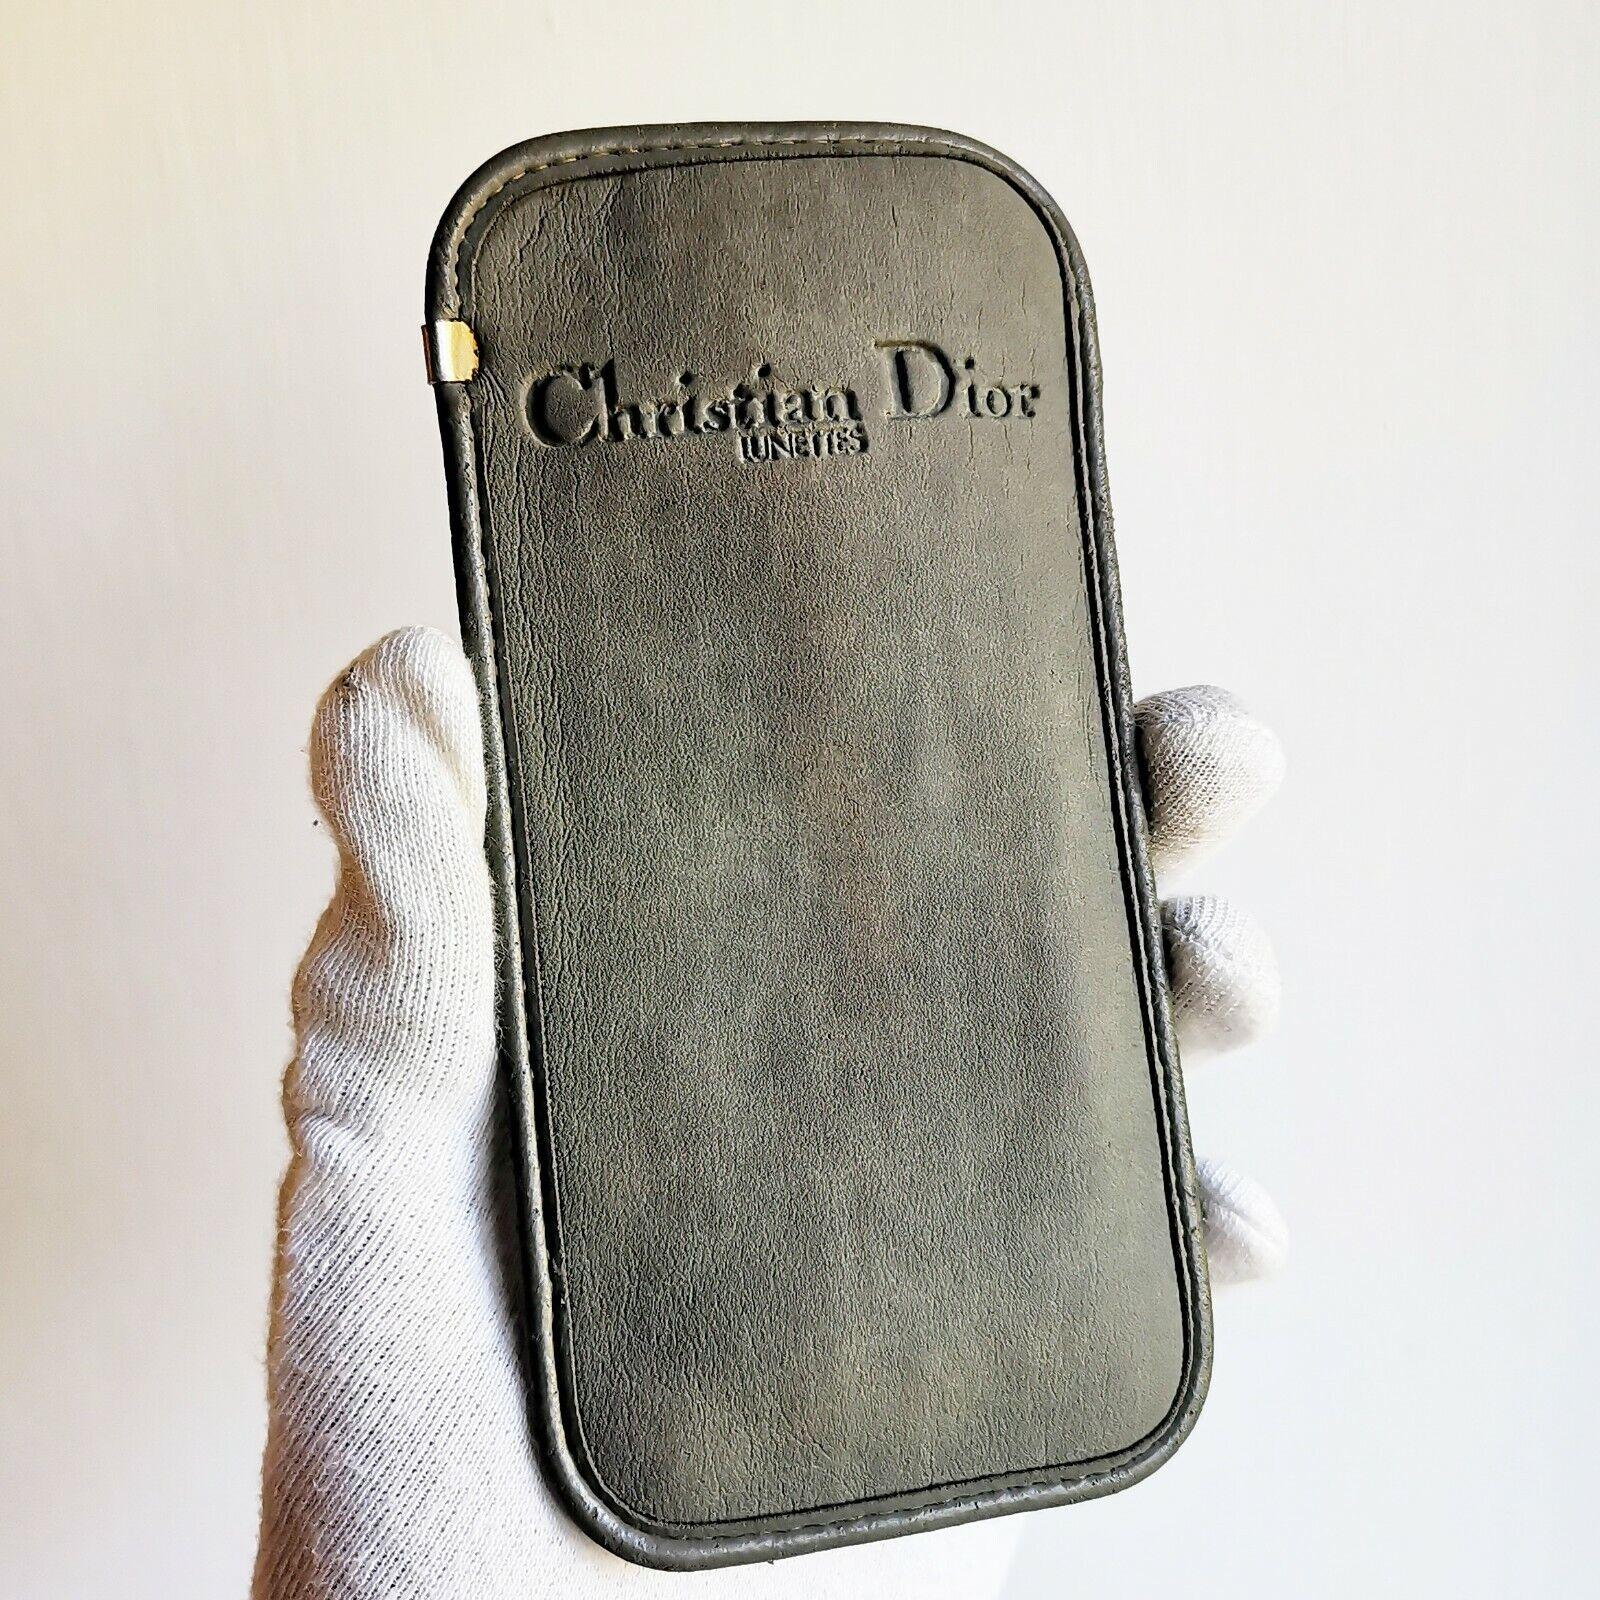 Scabbard Sunglasses Christian Dior Rhinestones Box Case Sunglasses Vintage Gray-show original title